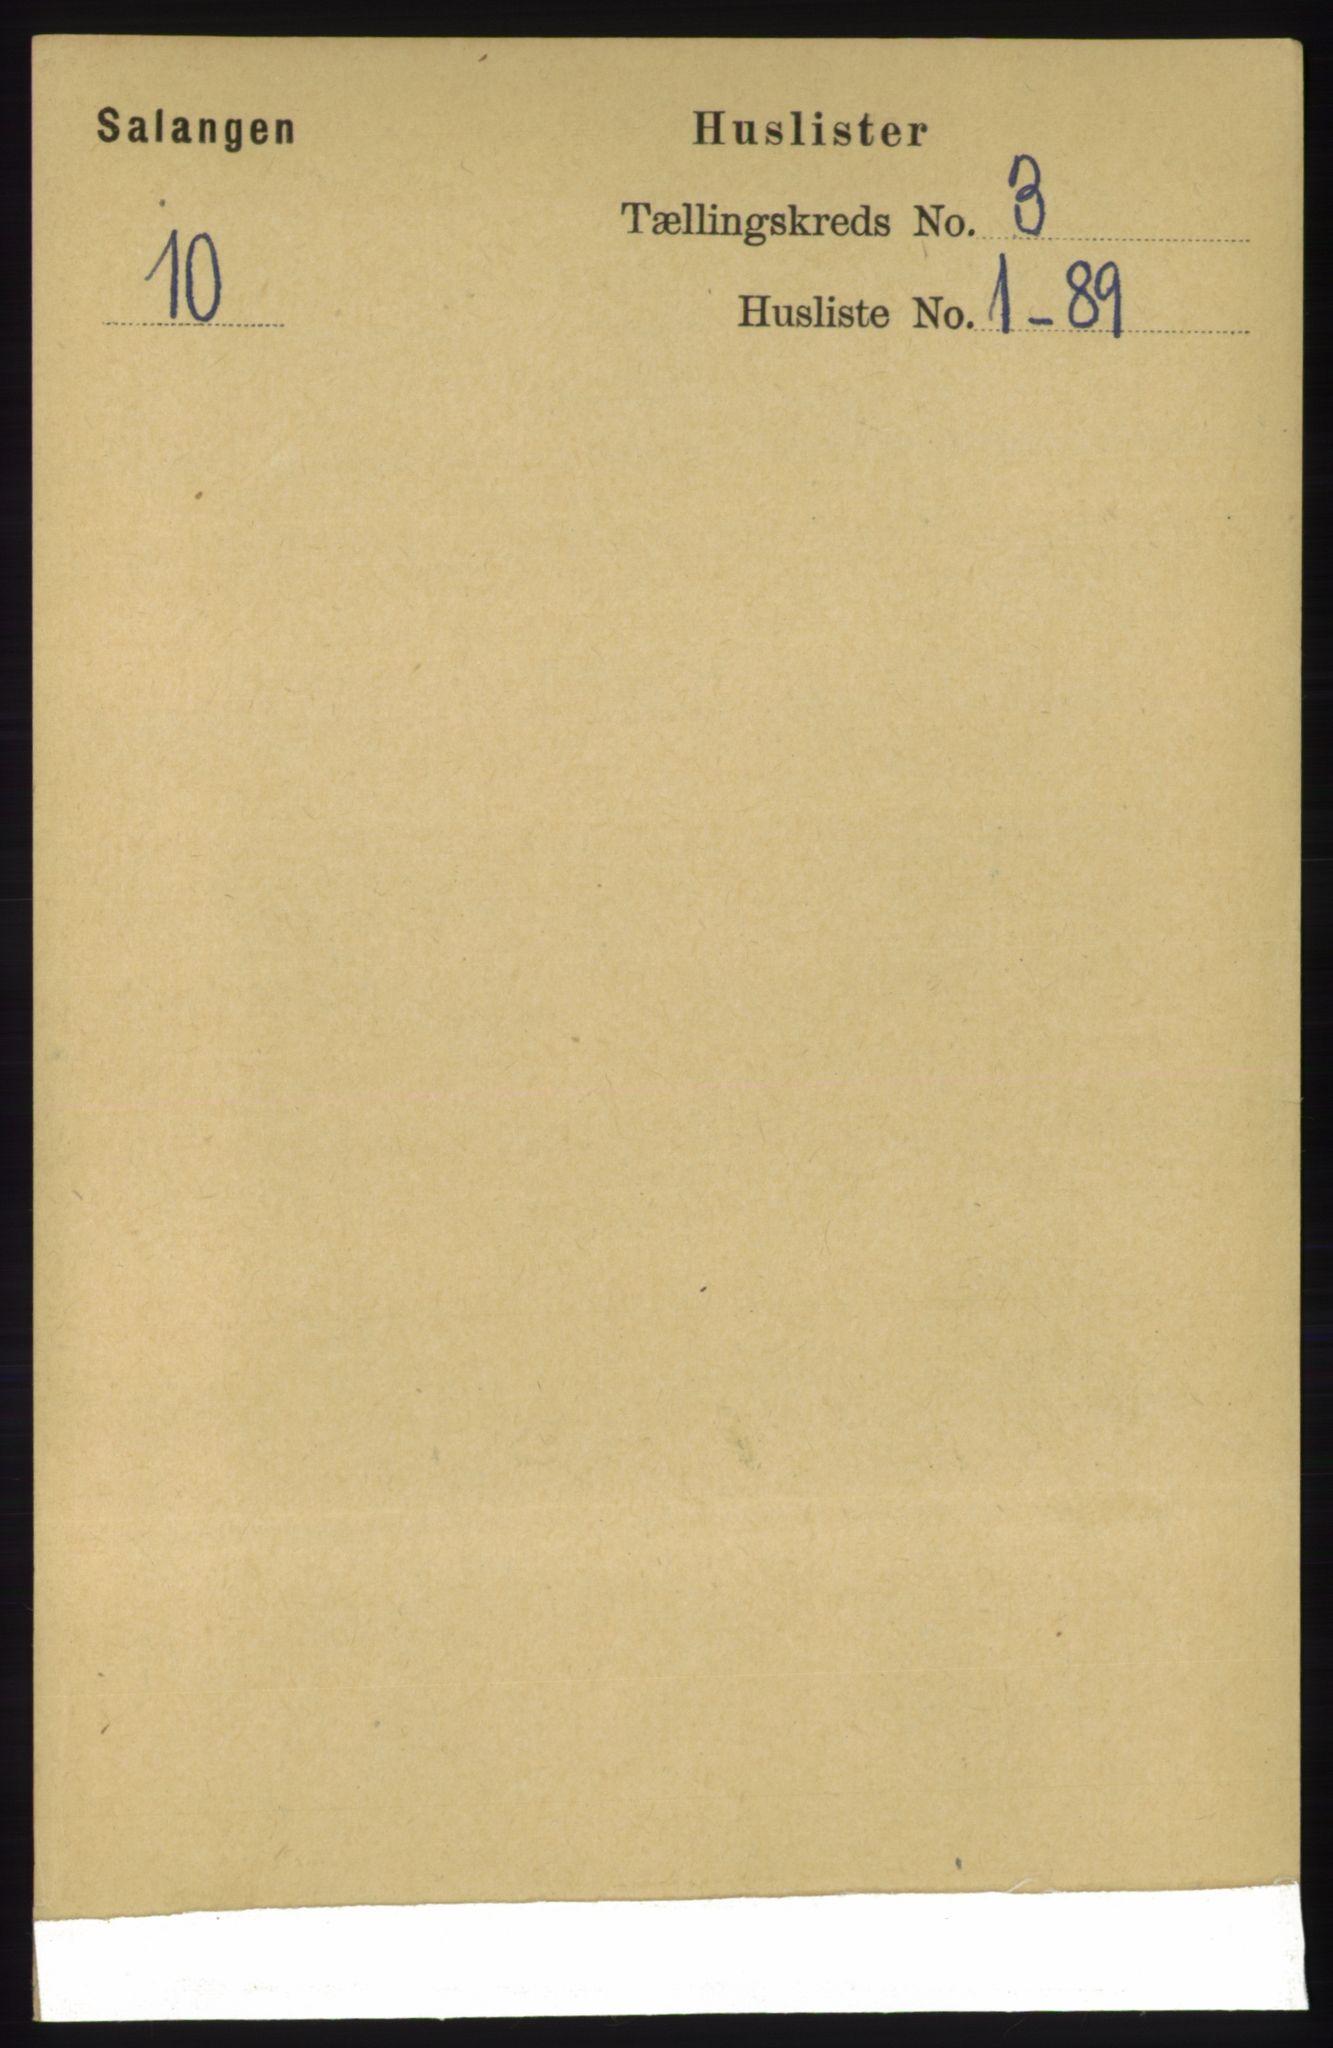 RA, Folketelling 1891 for 1921 Salangen herred, 1891, s. 1146